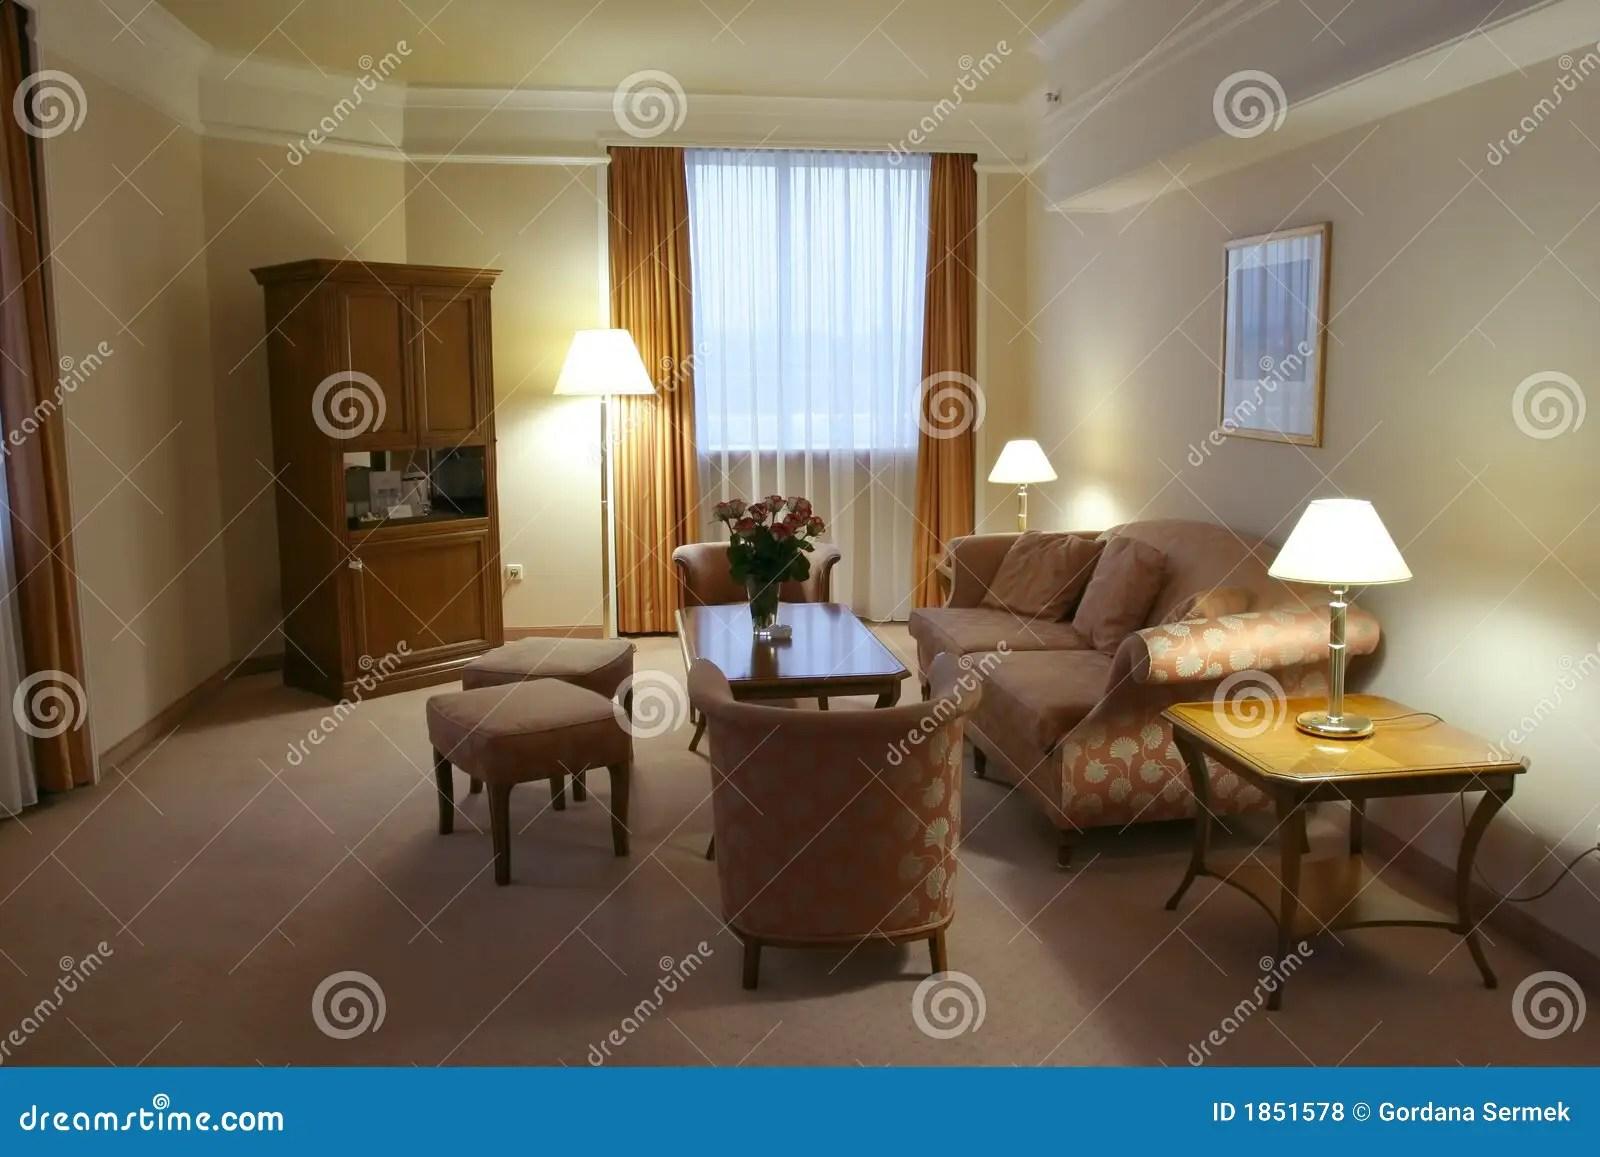 Camere Da Letto Rosa Antico : Decorazione camera da letto rosa cipria interna u design per la casa